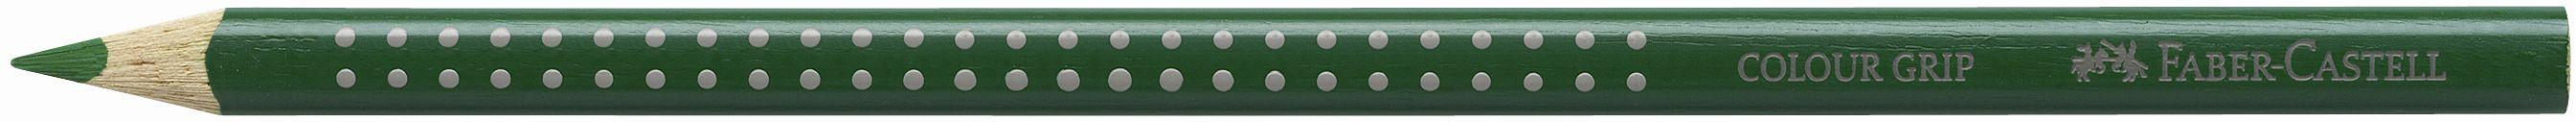 Pastelka Color Grip / 167 permanent olivová Faber Castell - Akvarelové pastelky Faber Castell - Akvarelové pastelky